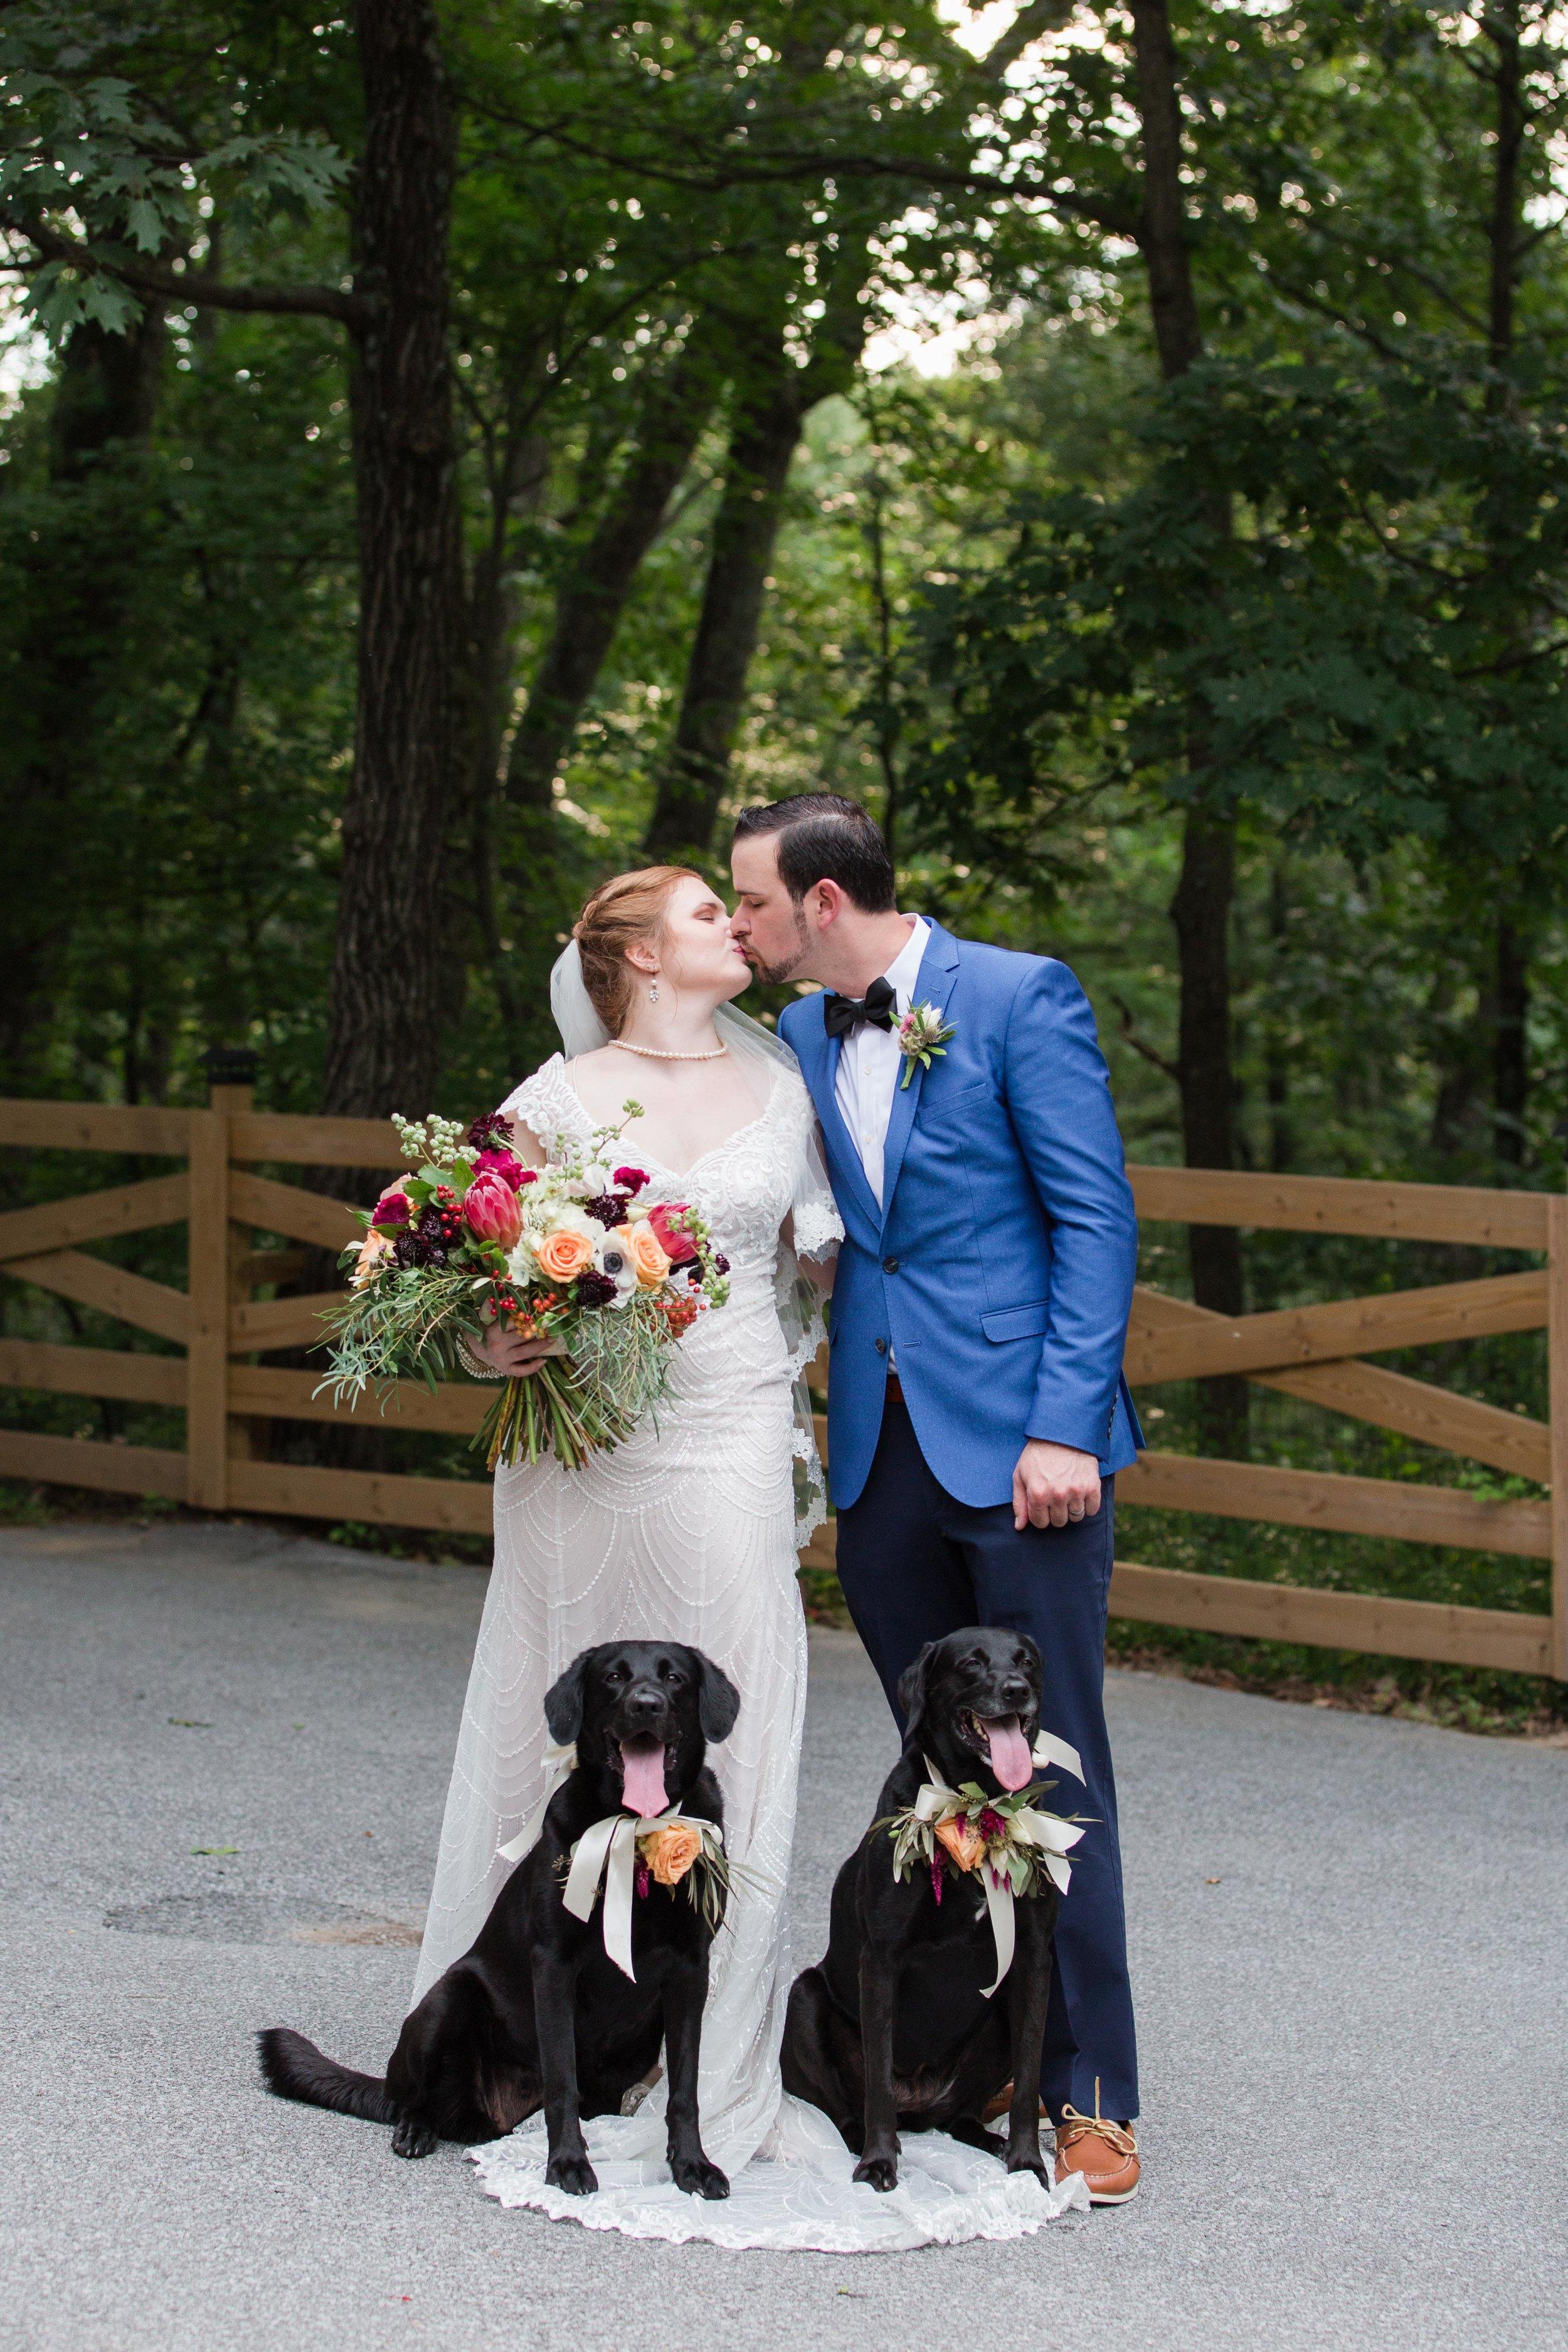 hagerstown_MD_wedding_photographer-4.jpg